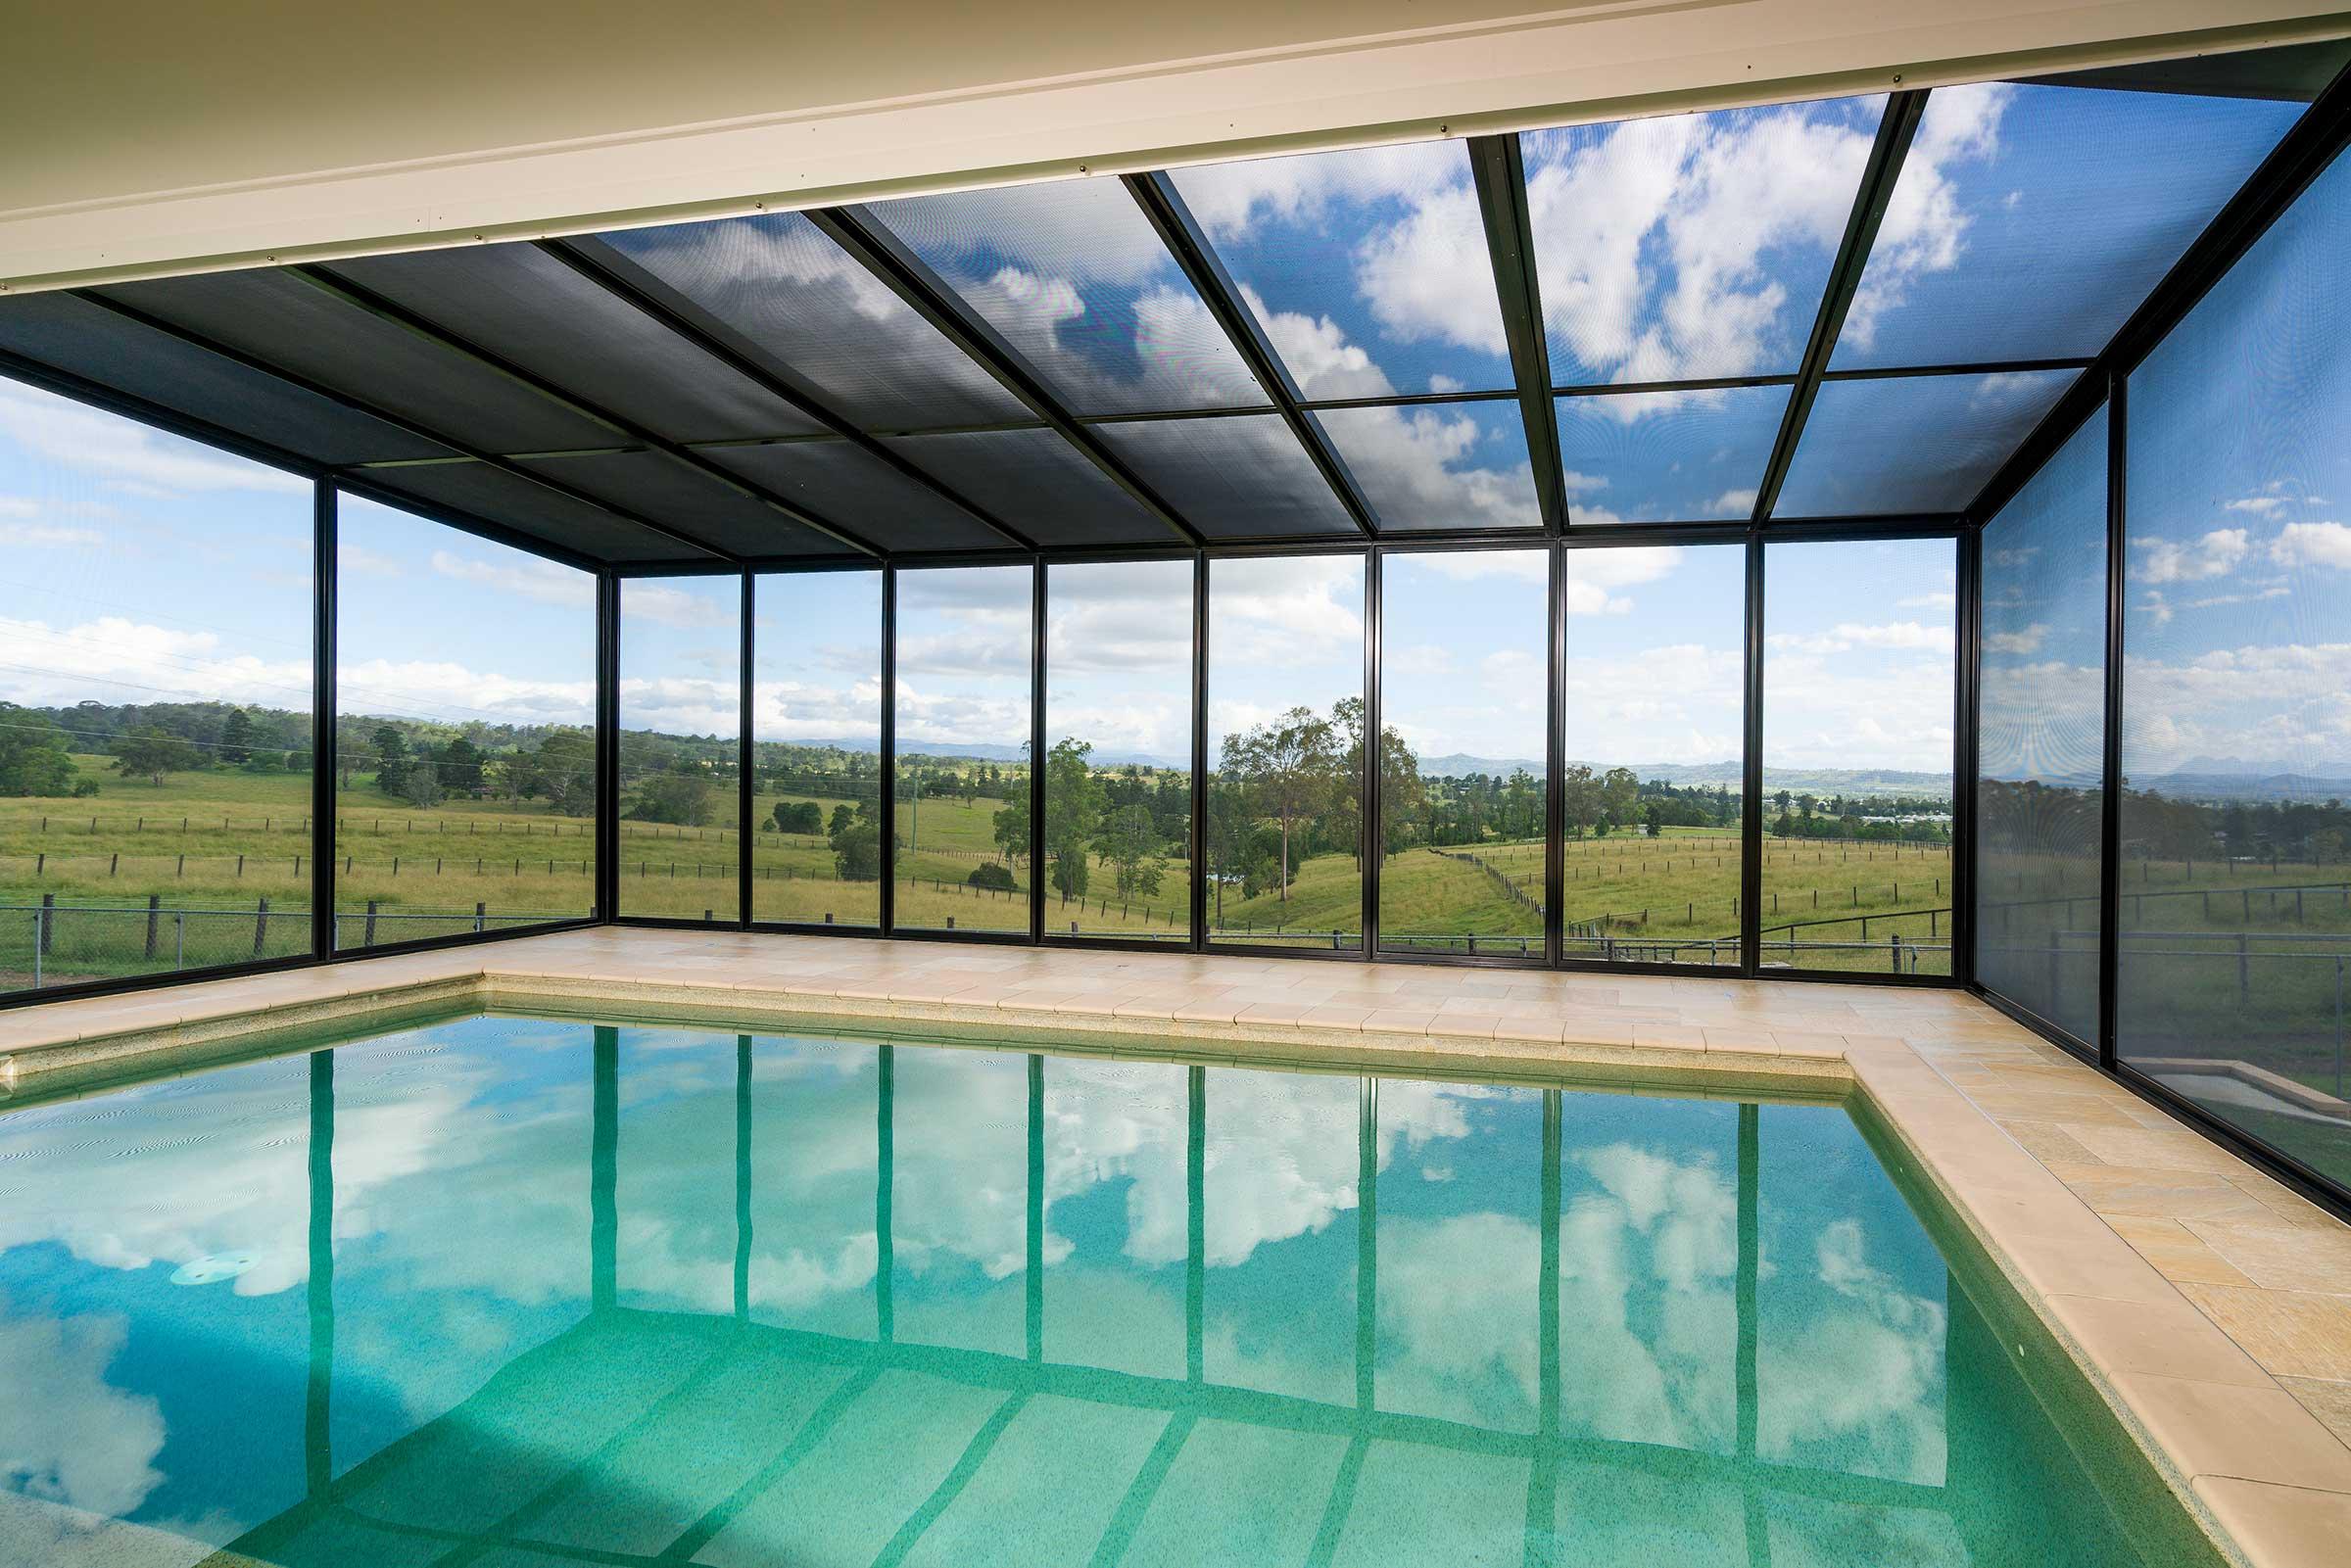 Pool Outdoor Enclosure